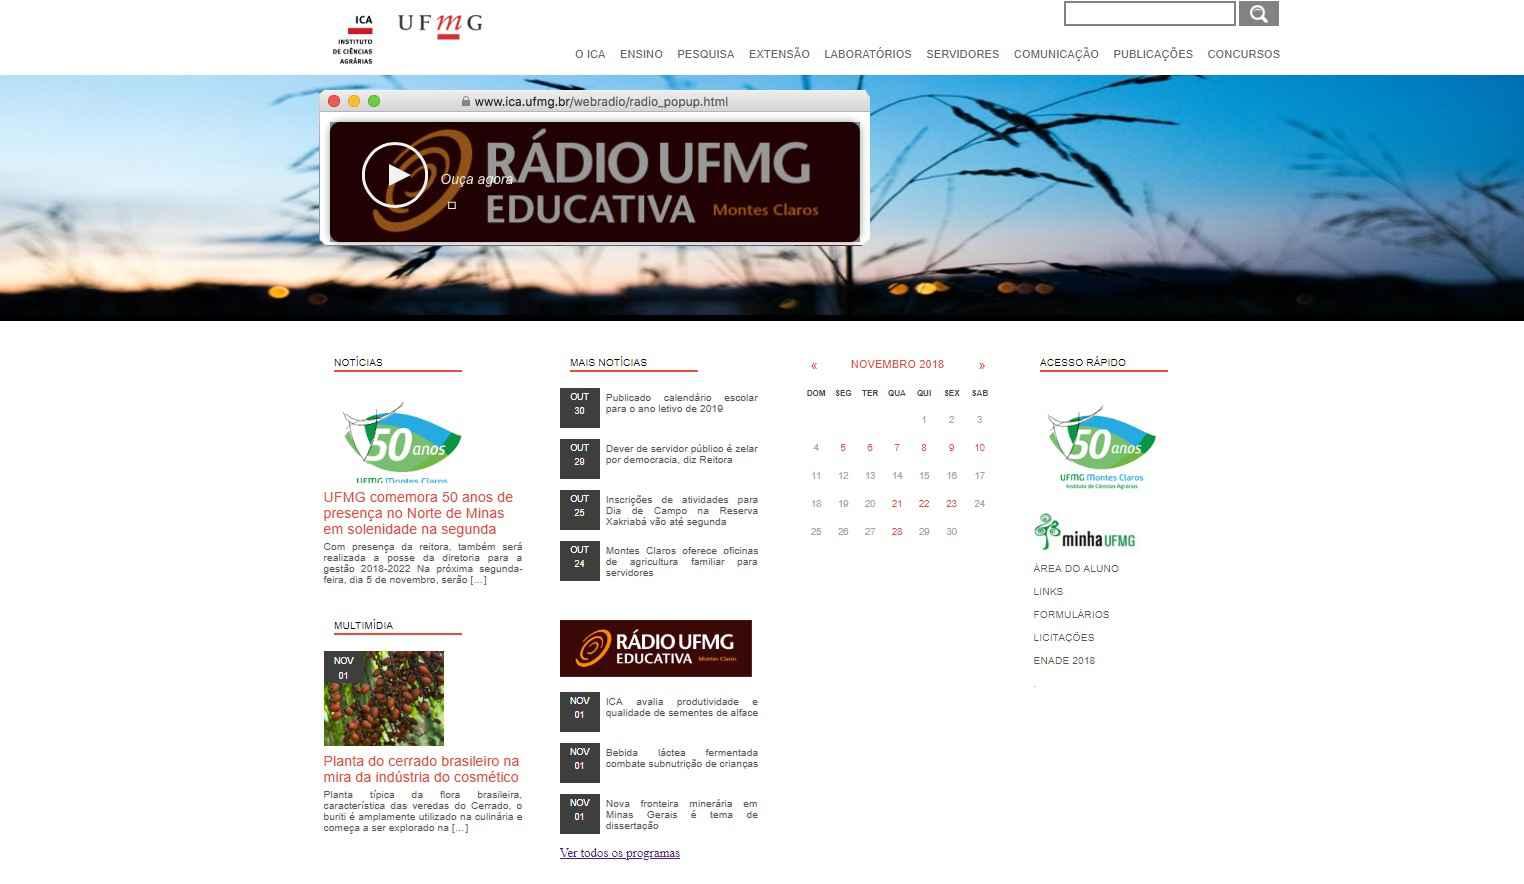 Página da webrádio: